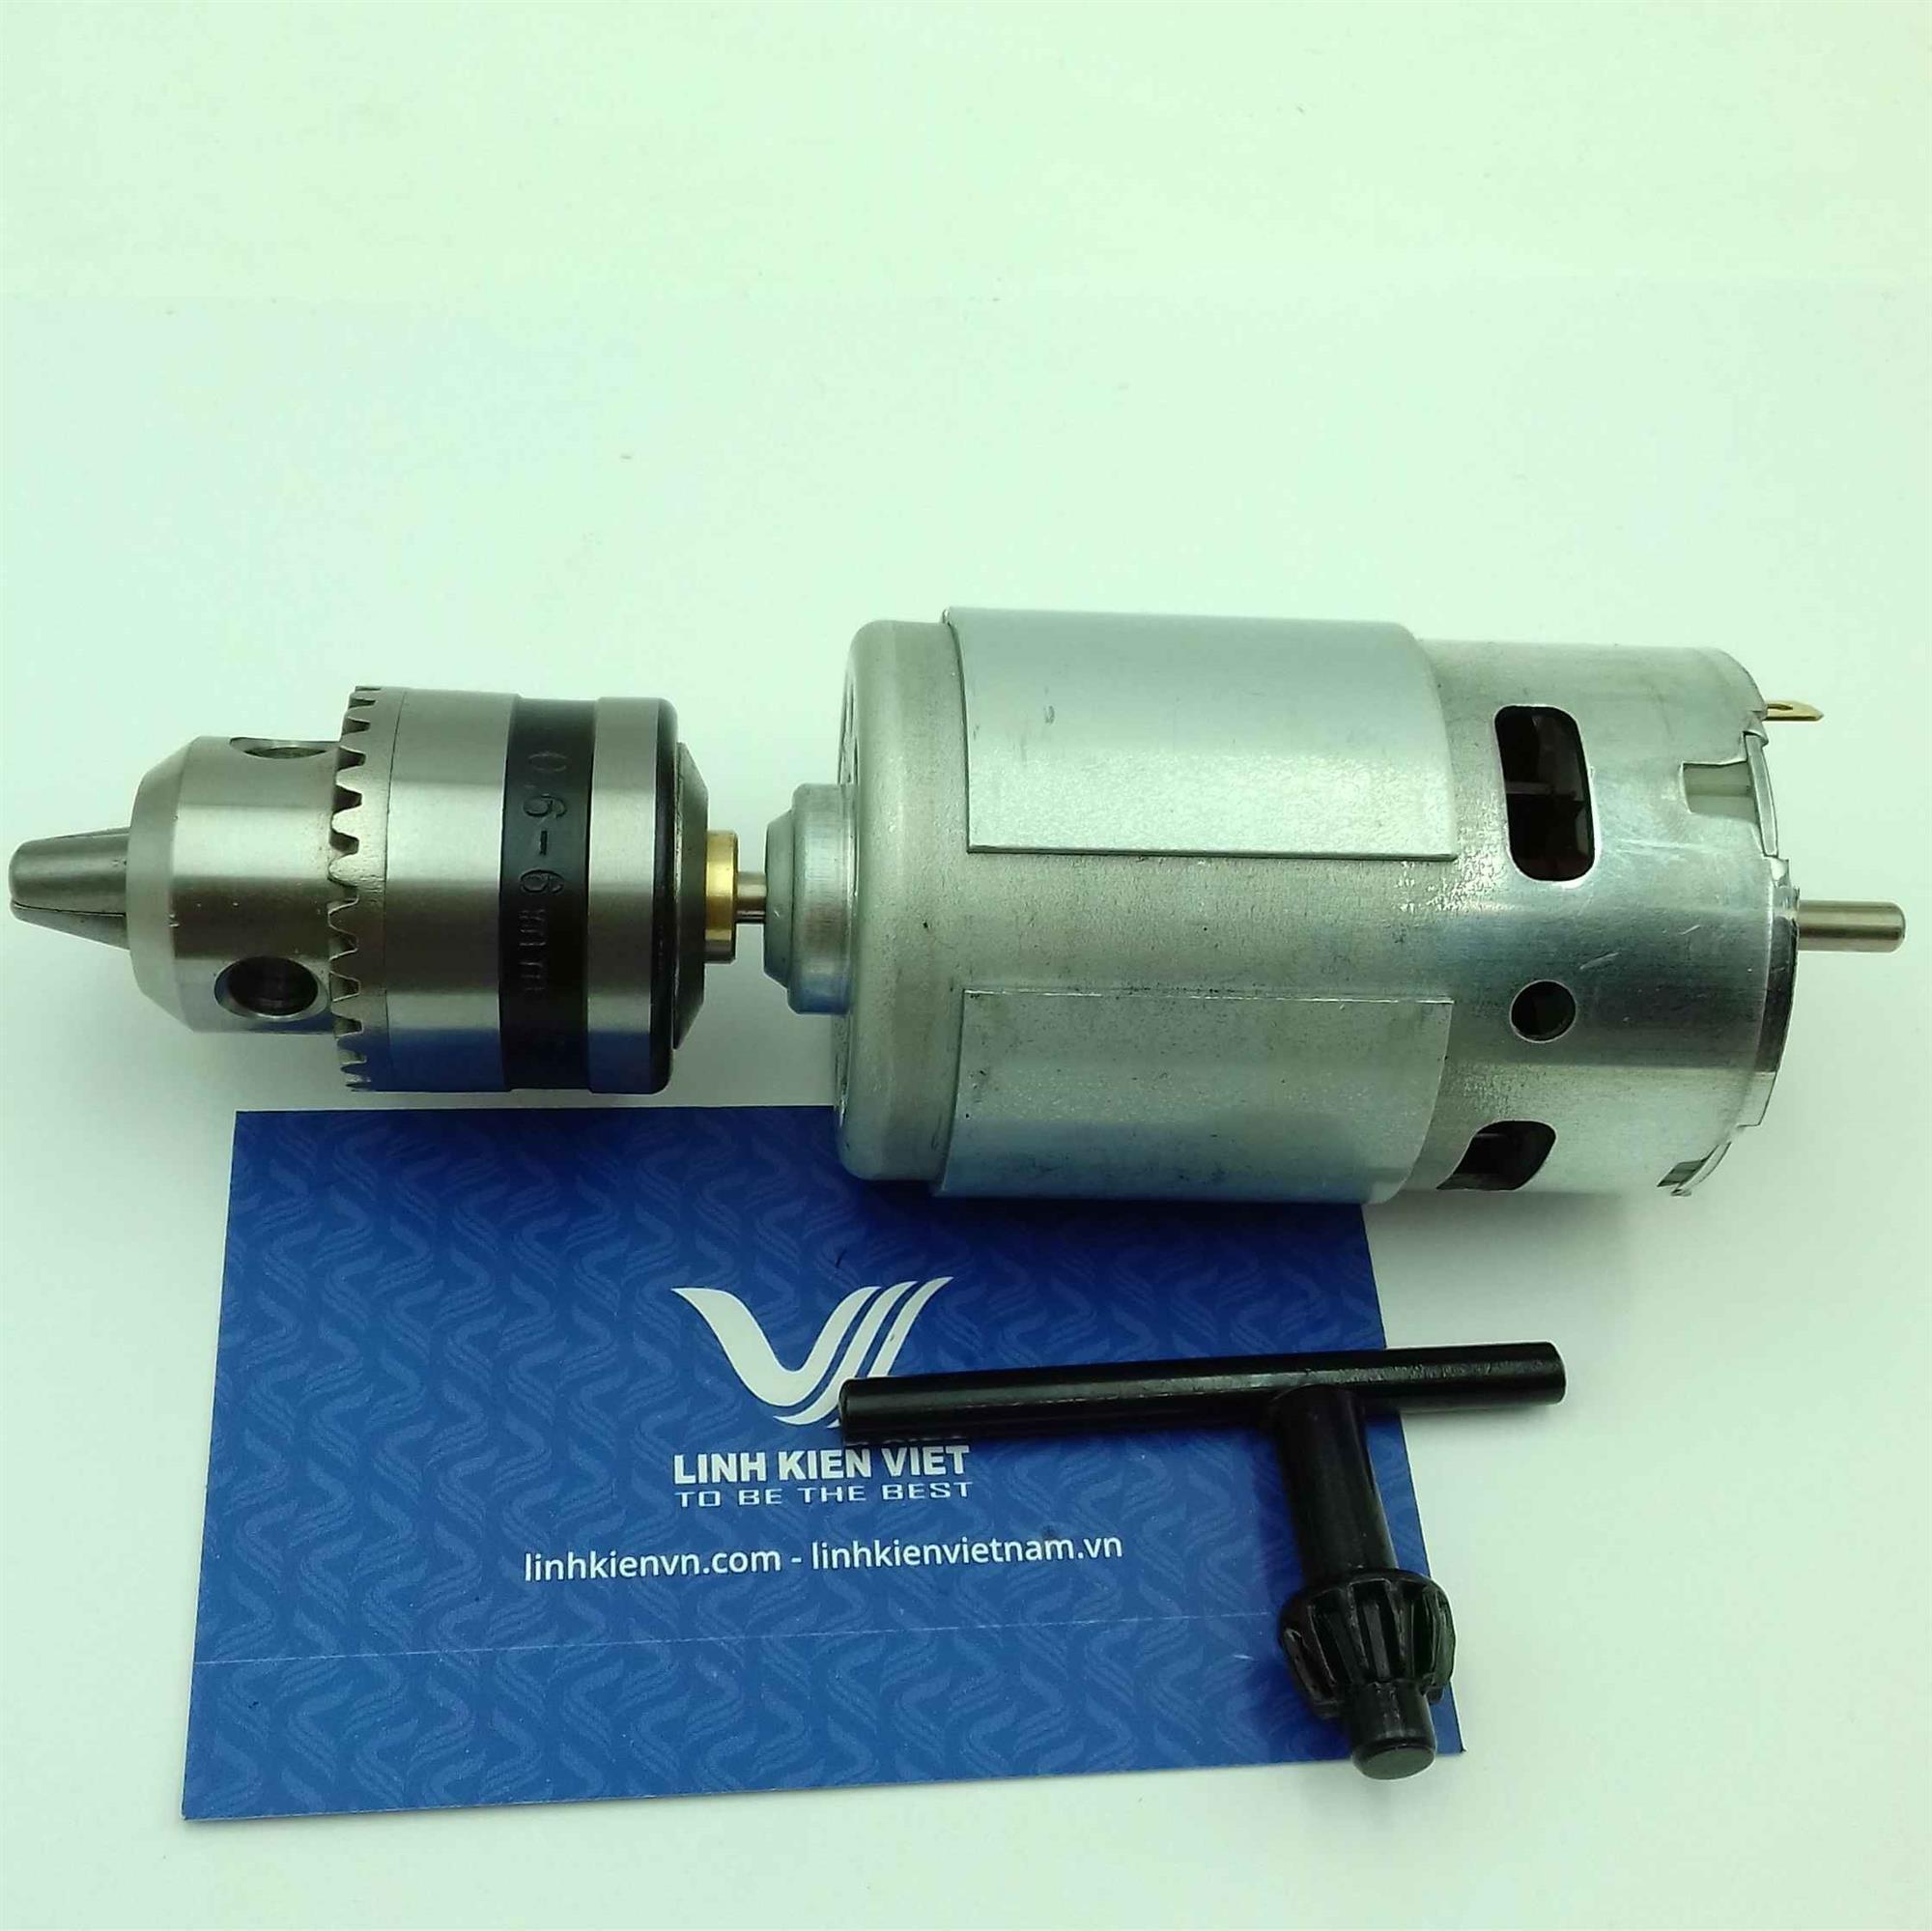 Motor khoan mạch 12V 775 (0.6-6mm) / Khoan tay DC 12V sử dụng động cơ 775 / Khoan mạch 775 -